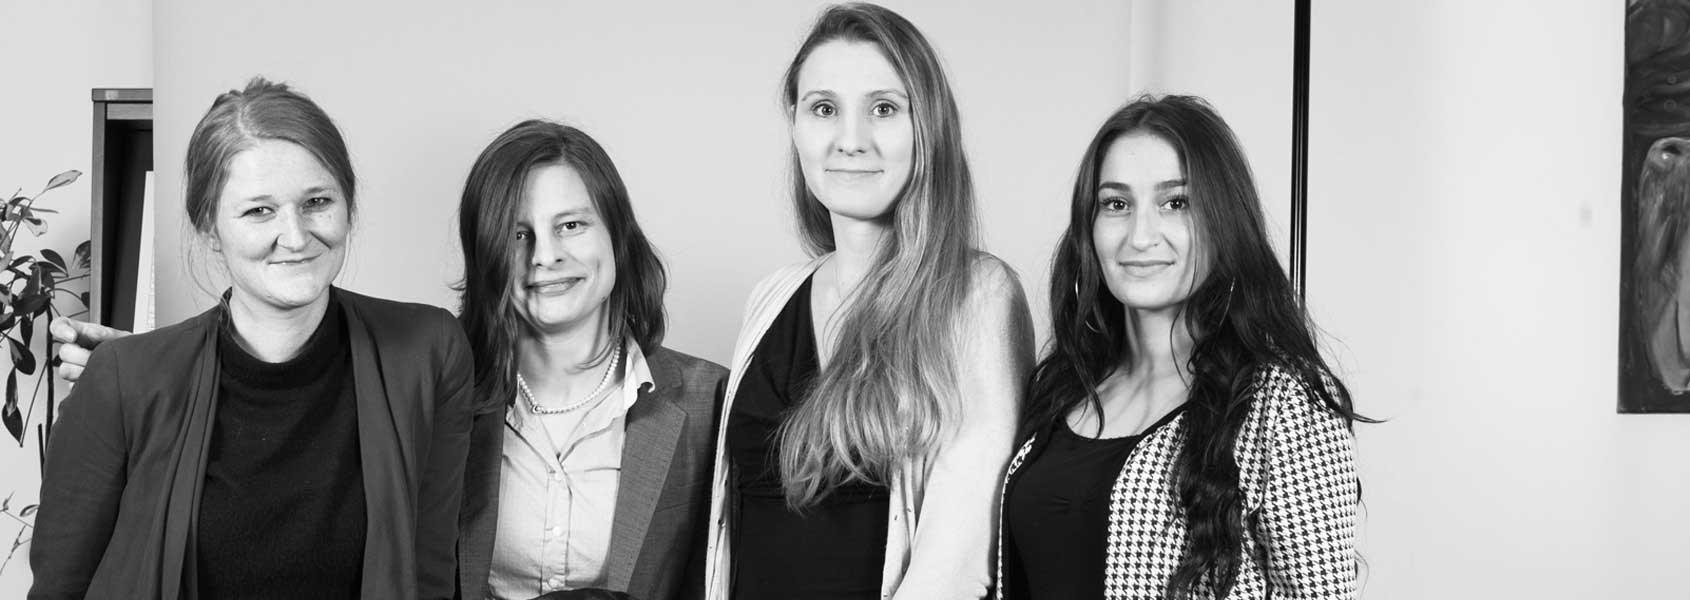 Team Bild der Kanzlei Für Soziales Recht, kostenlose Rechtsberatung wird präsentiert